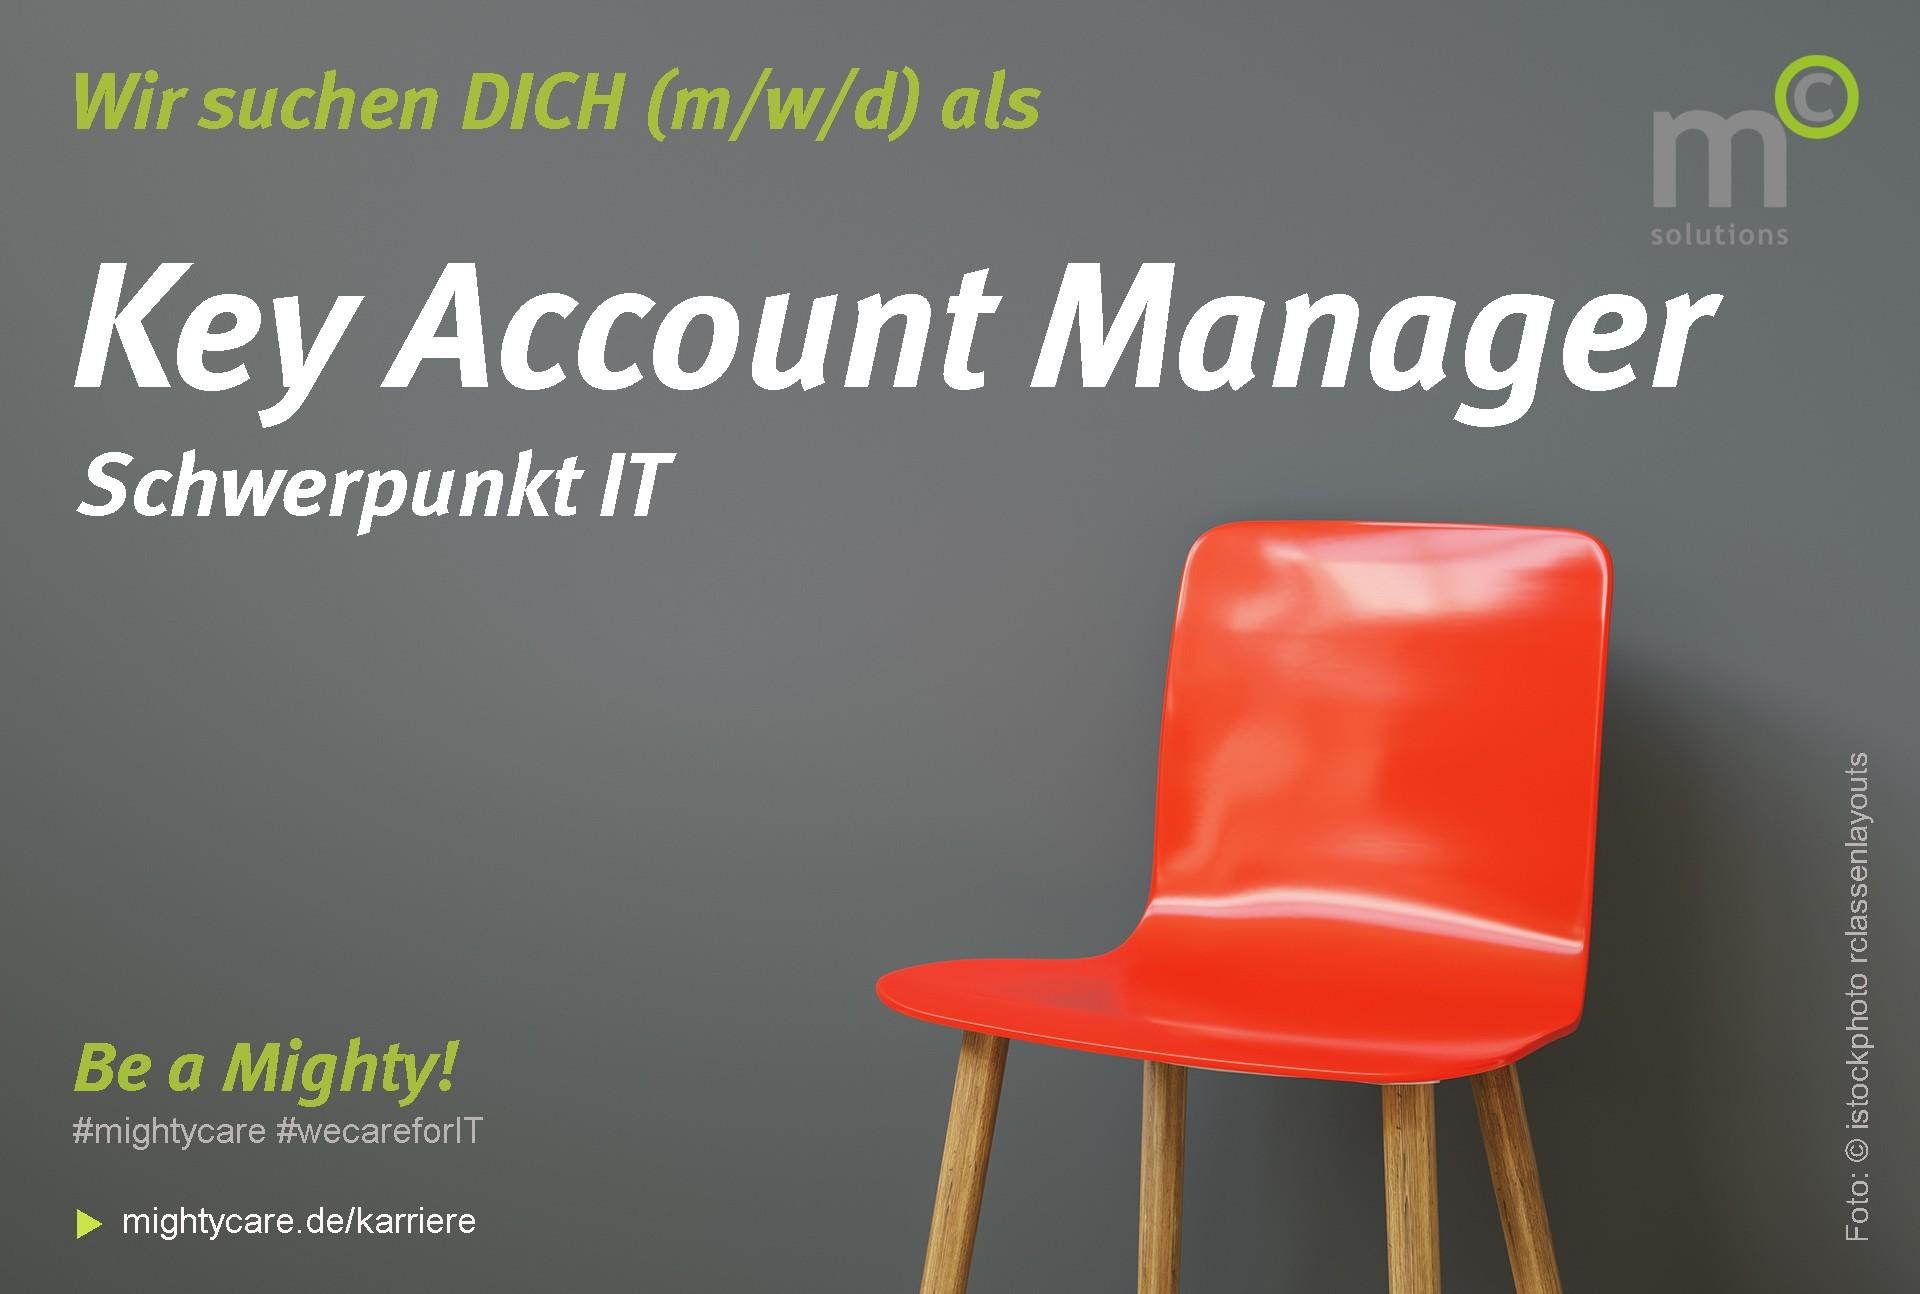 Stellenanzeige Key Account Manager Schwerpunkt IT